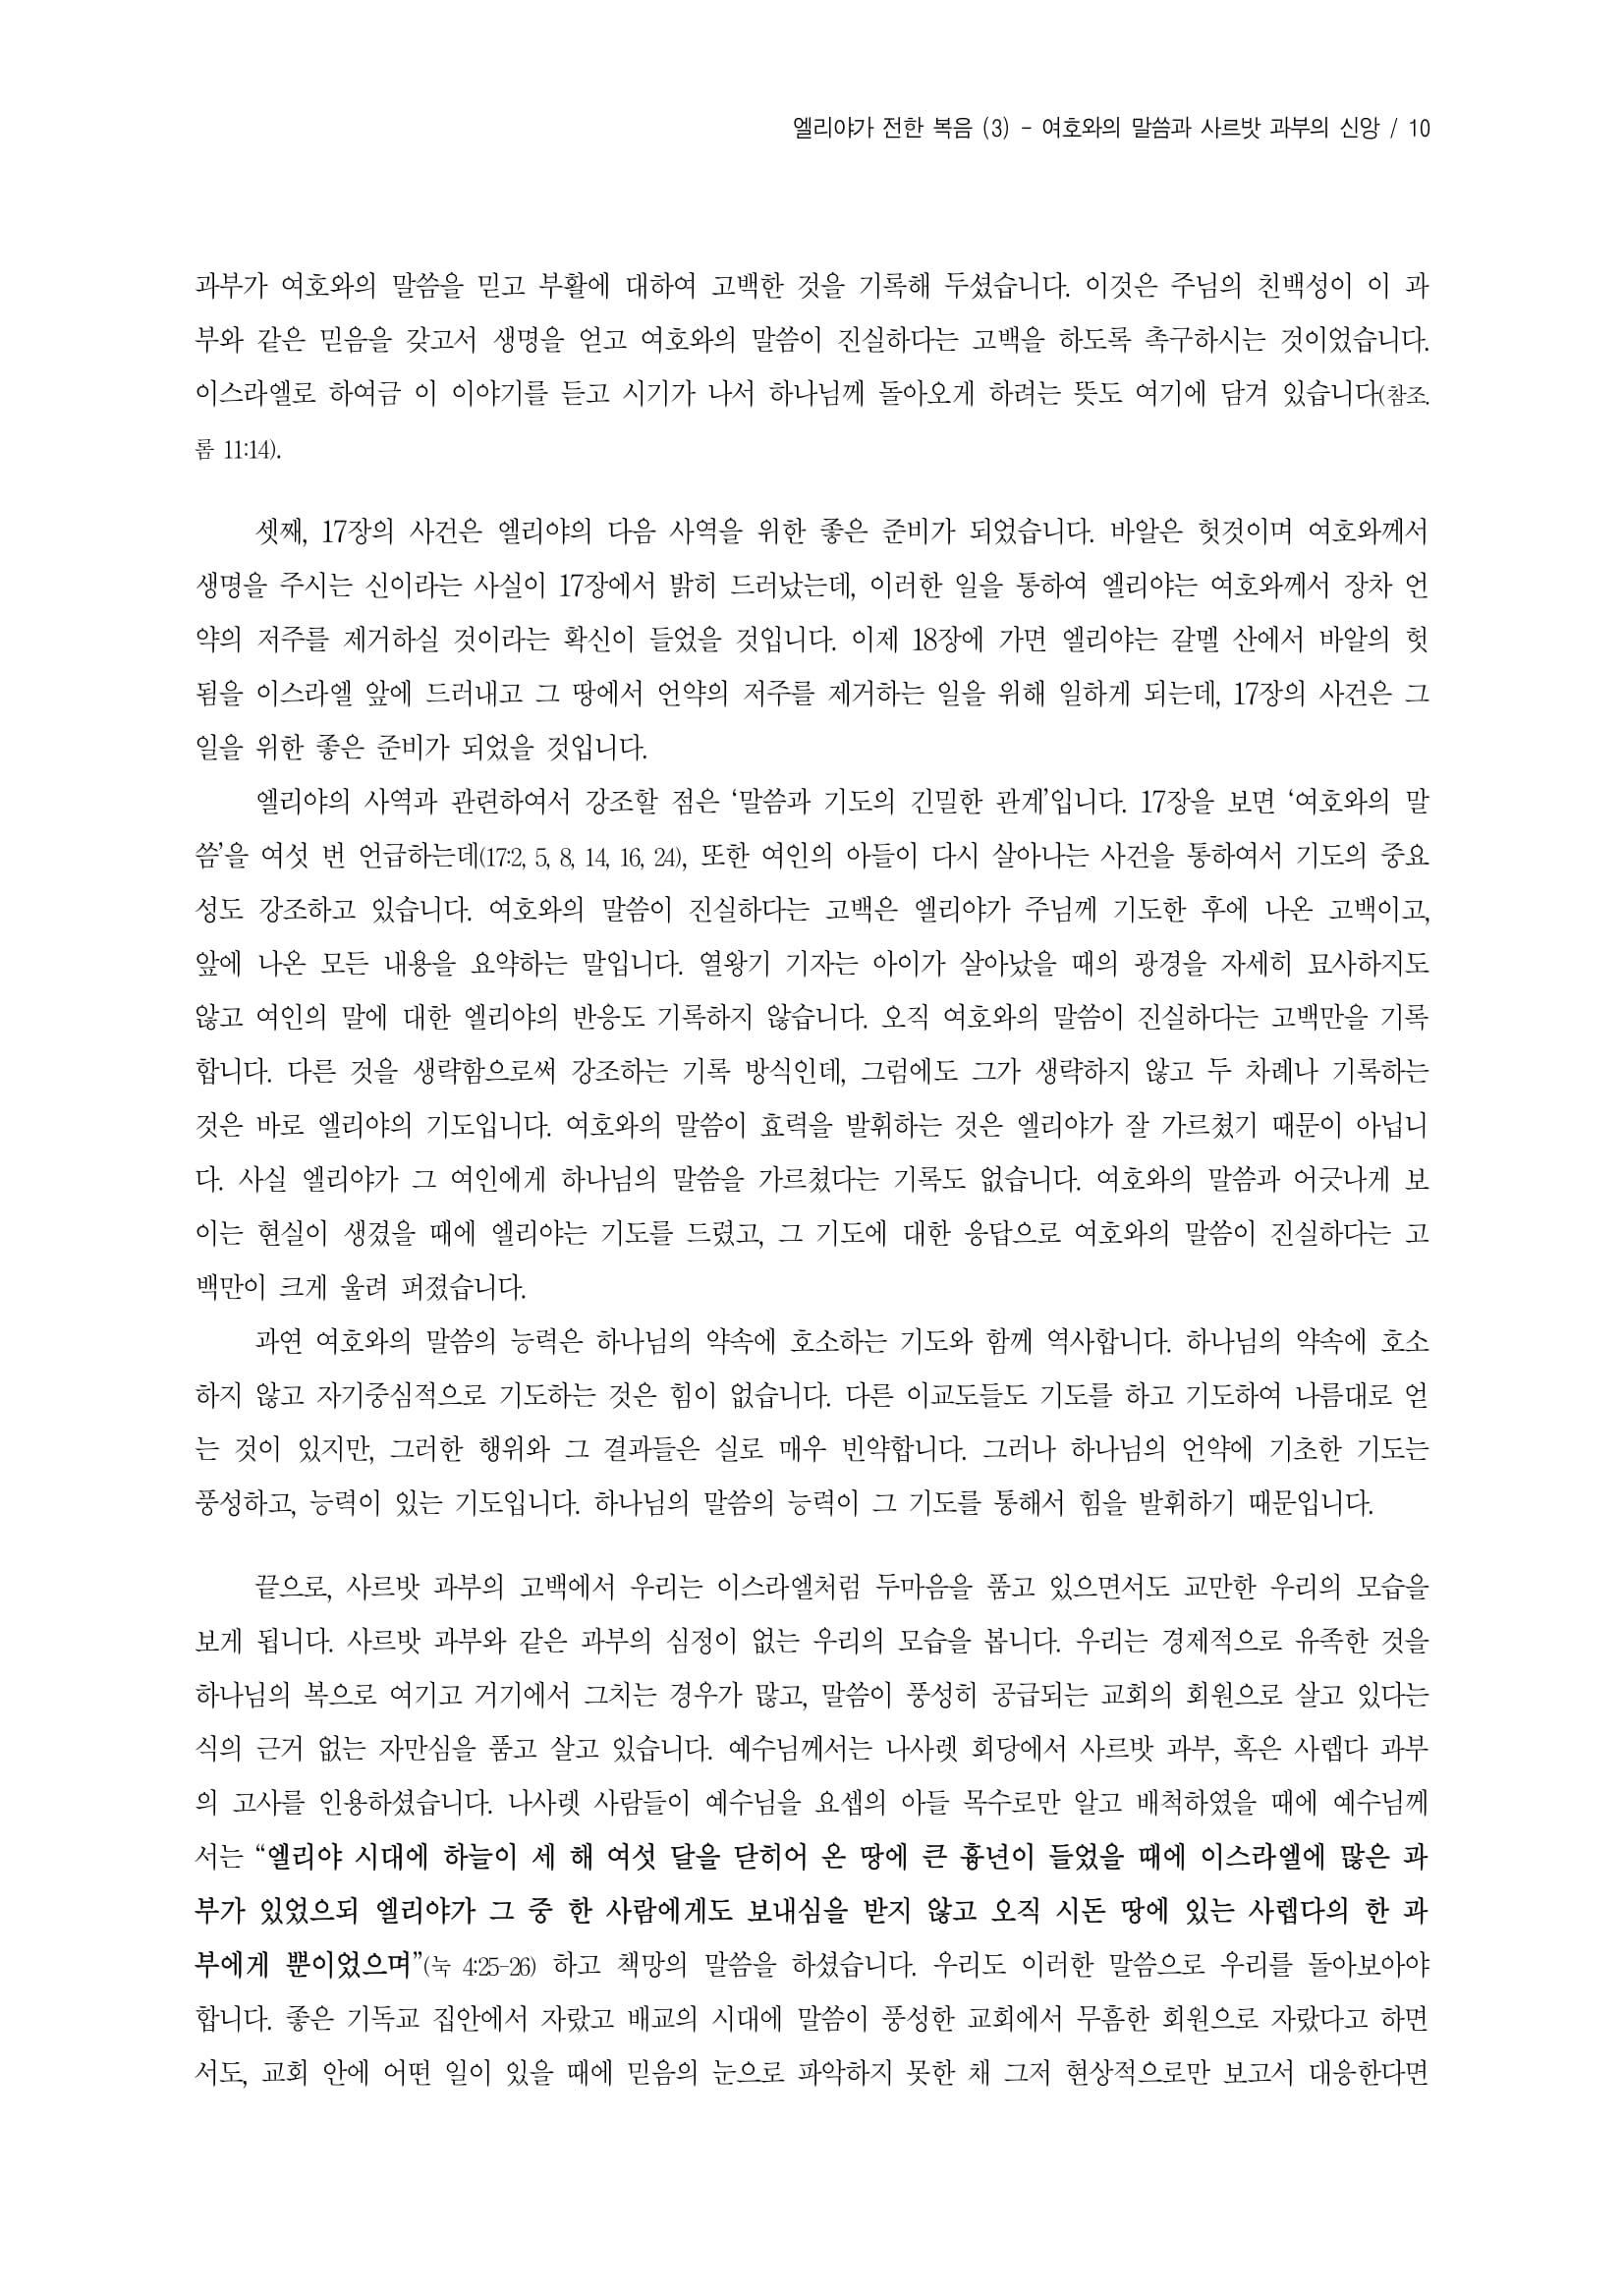 엘리야(3)-여호와의 말씀과 사르밧과부의 신앙_왕상17장-09.jpg